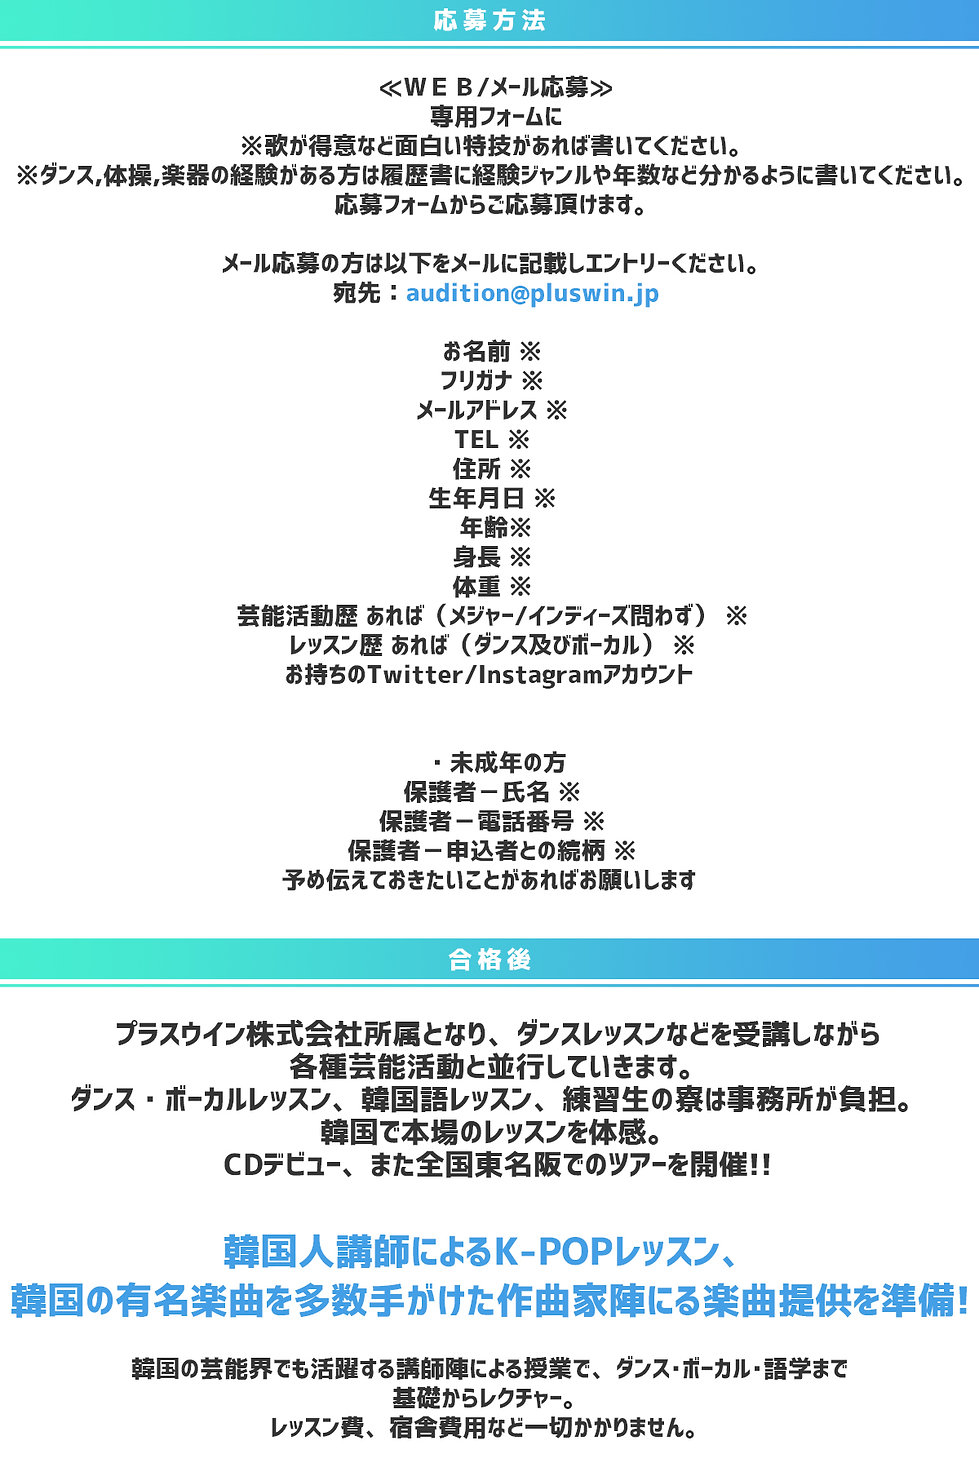 2기남자오디션04.jpg